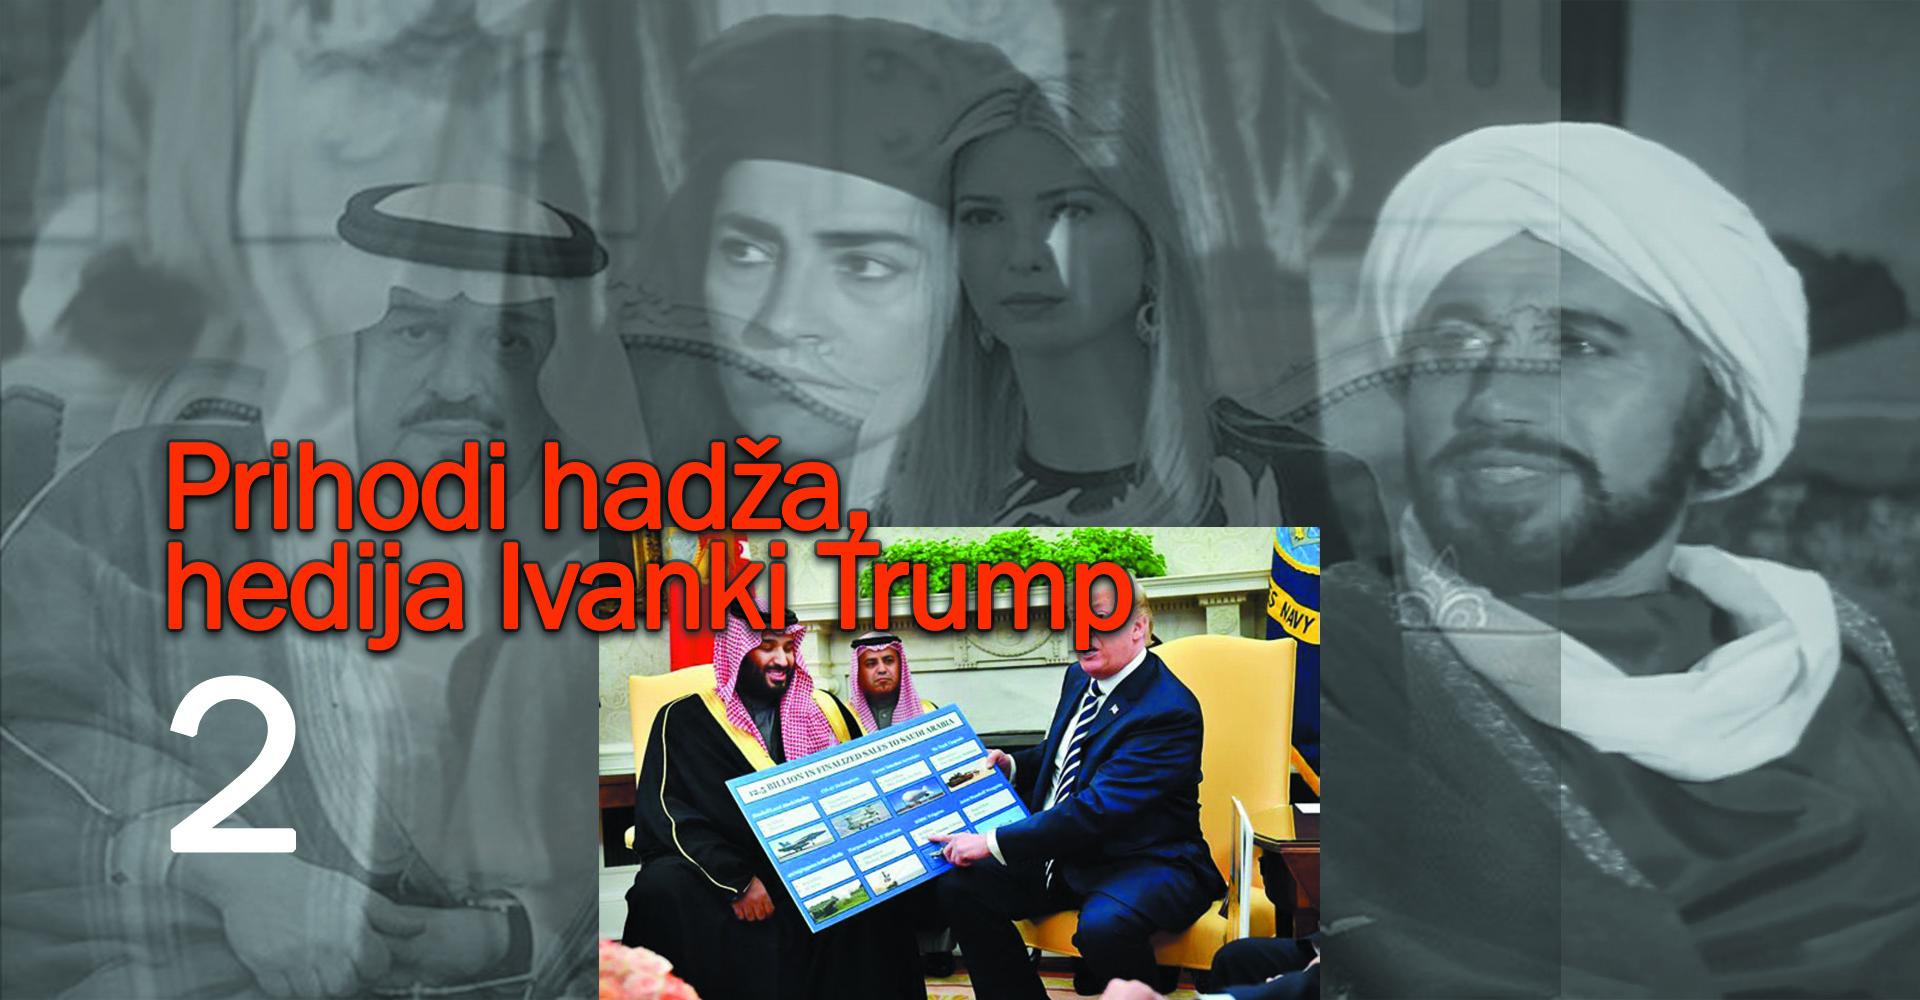 Prihodi hadža, hedija Ivanki Trump